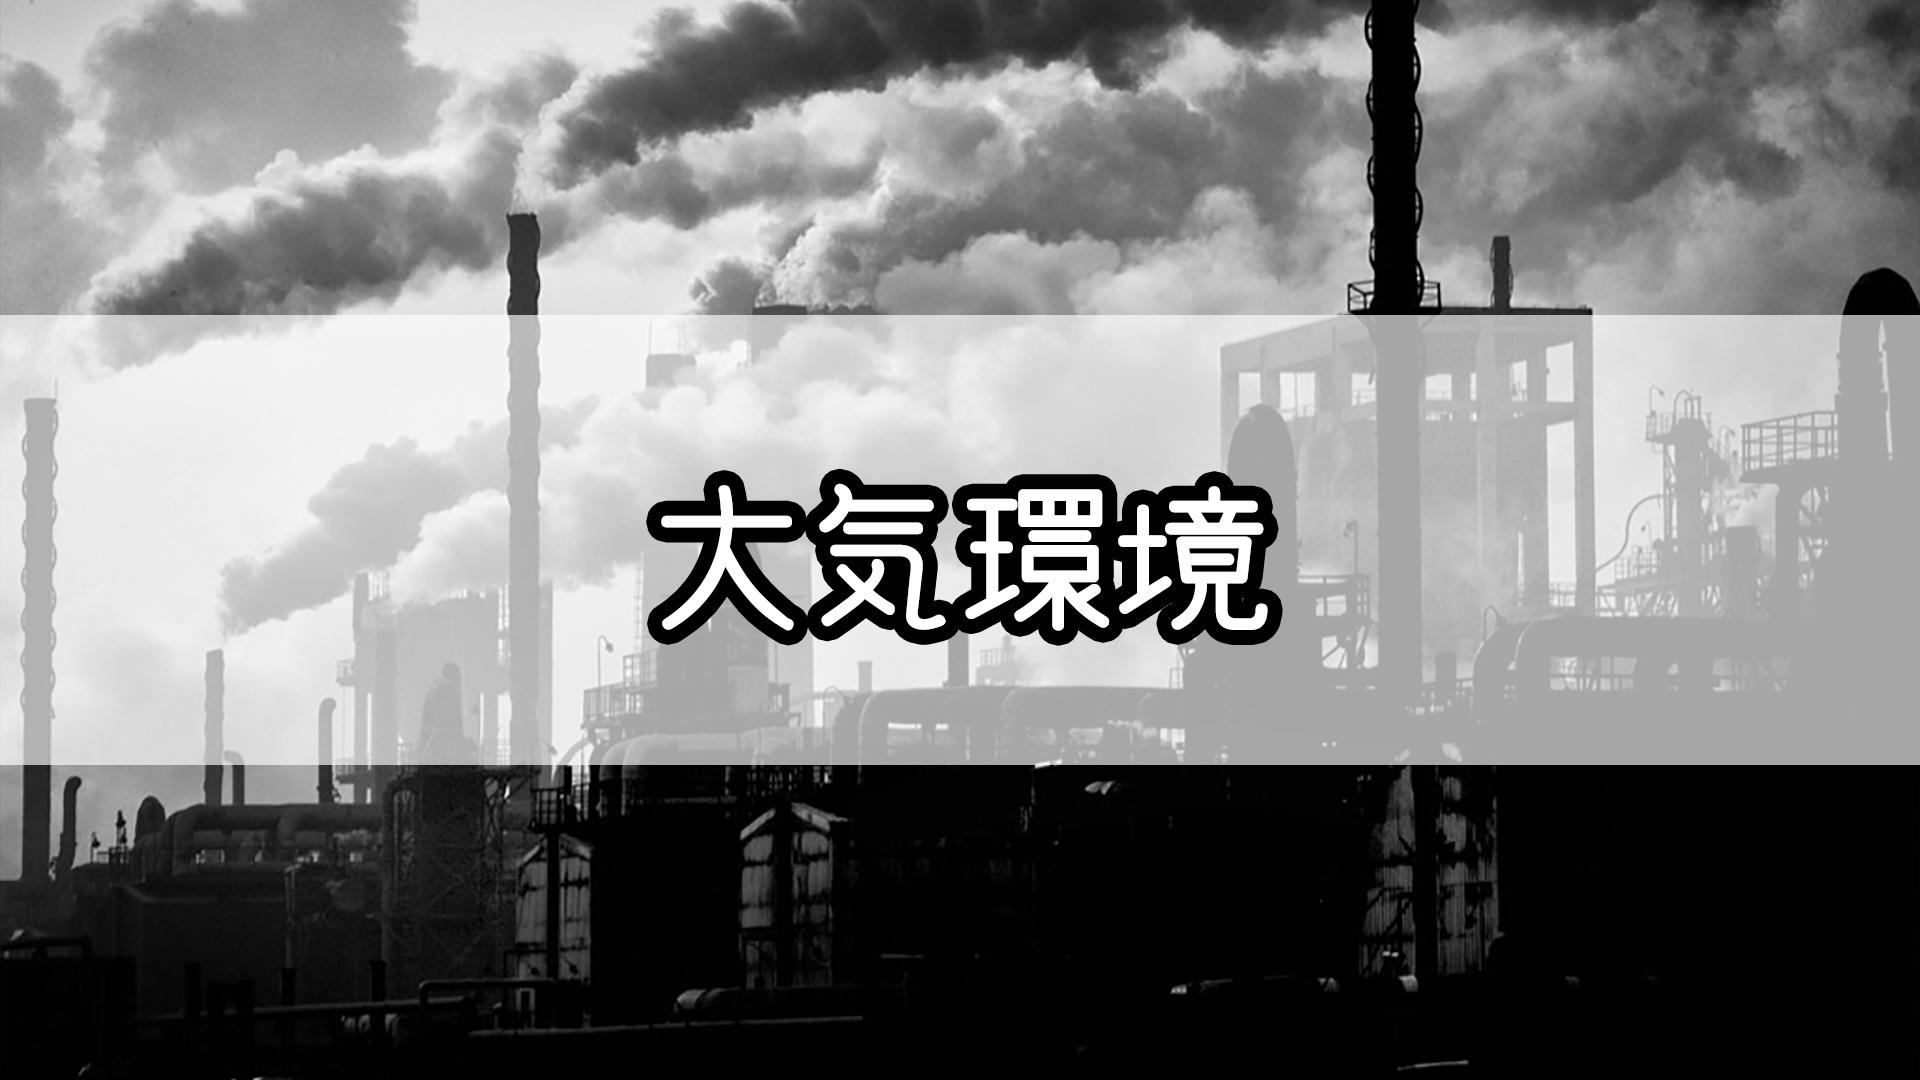 『大気環境』のゴロ・覚え方